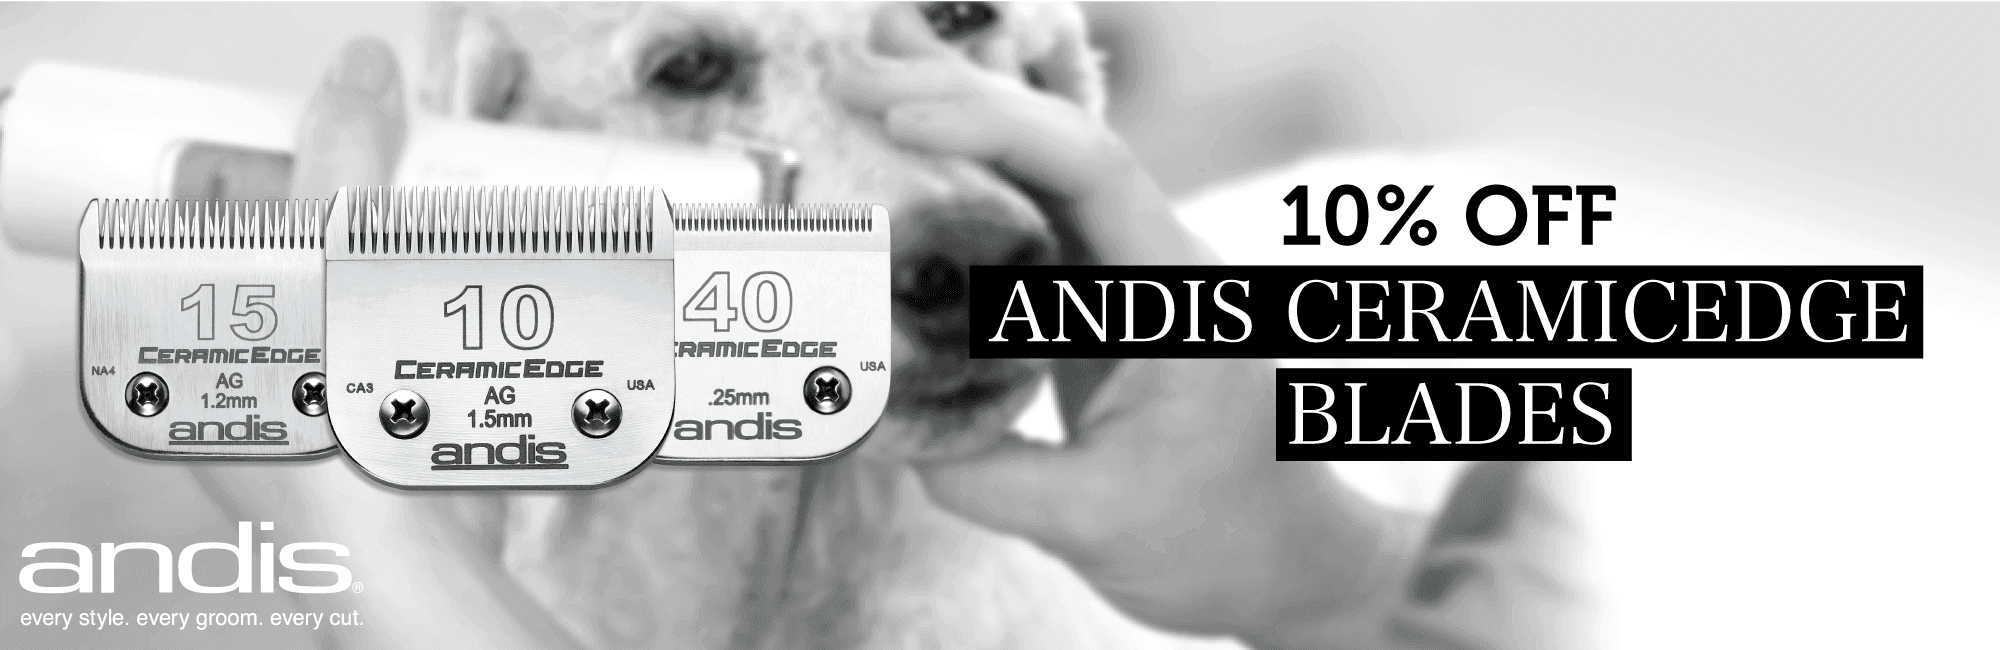 10% Off Andis CeramicEdge Blades